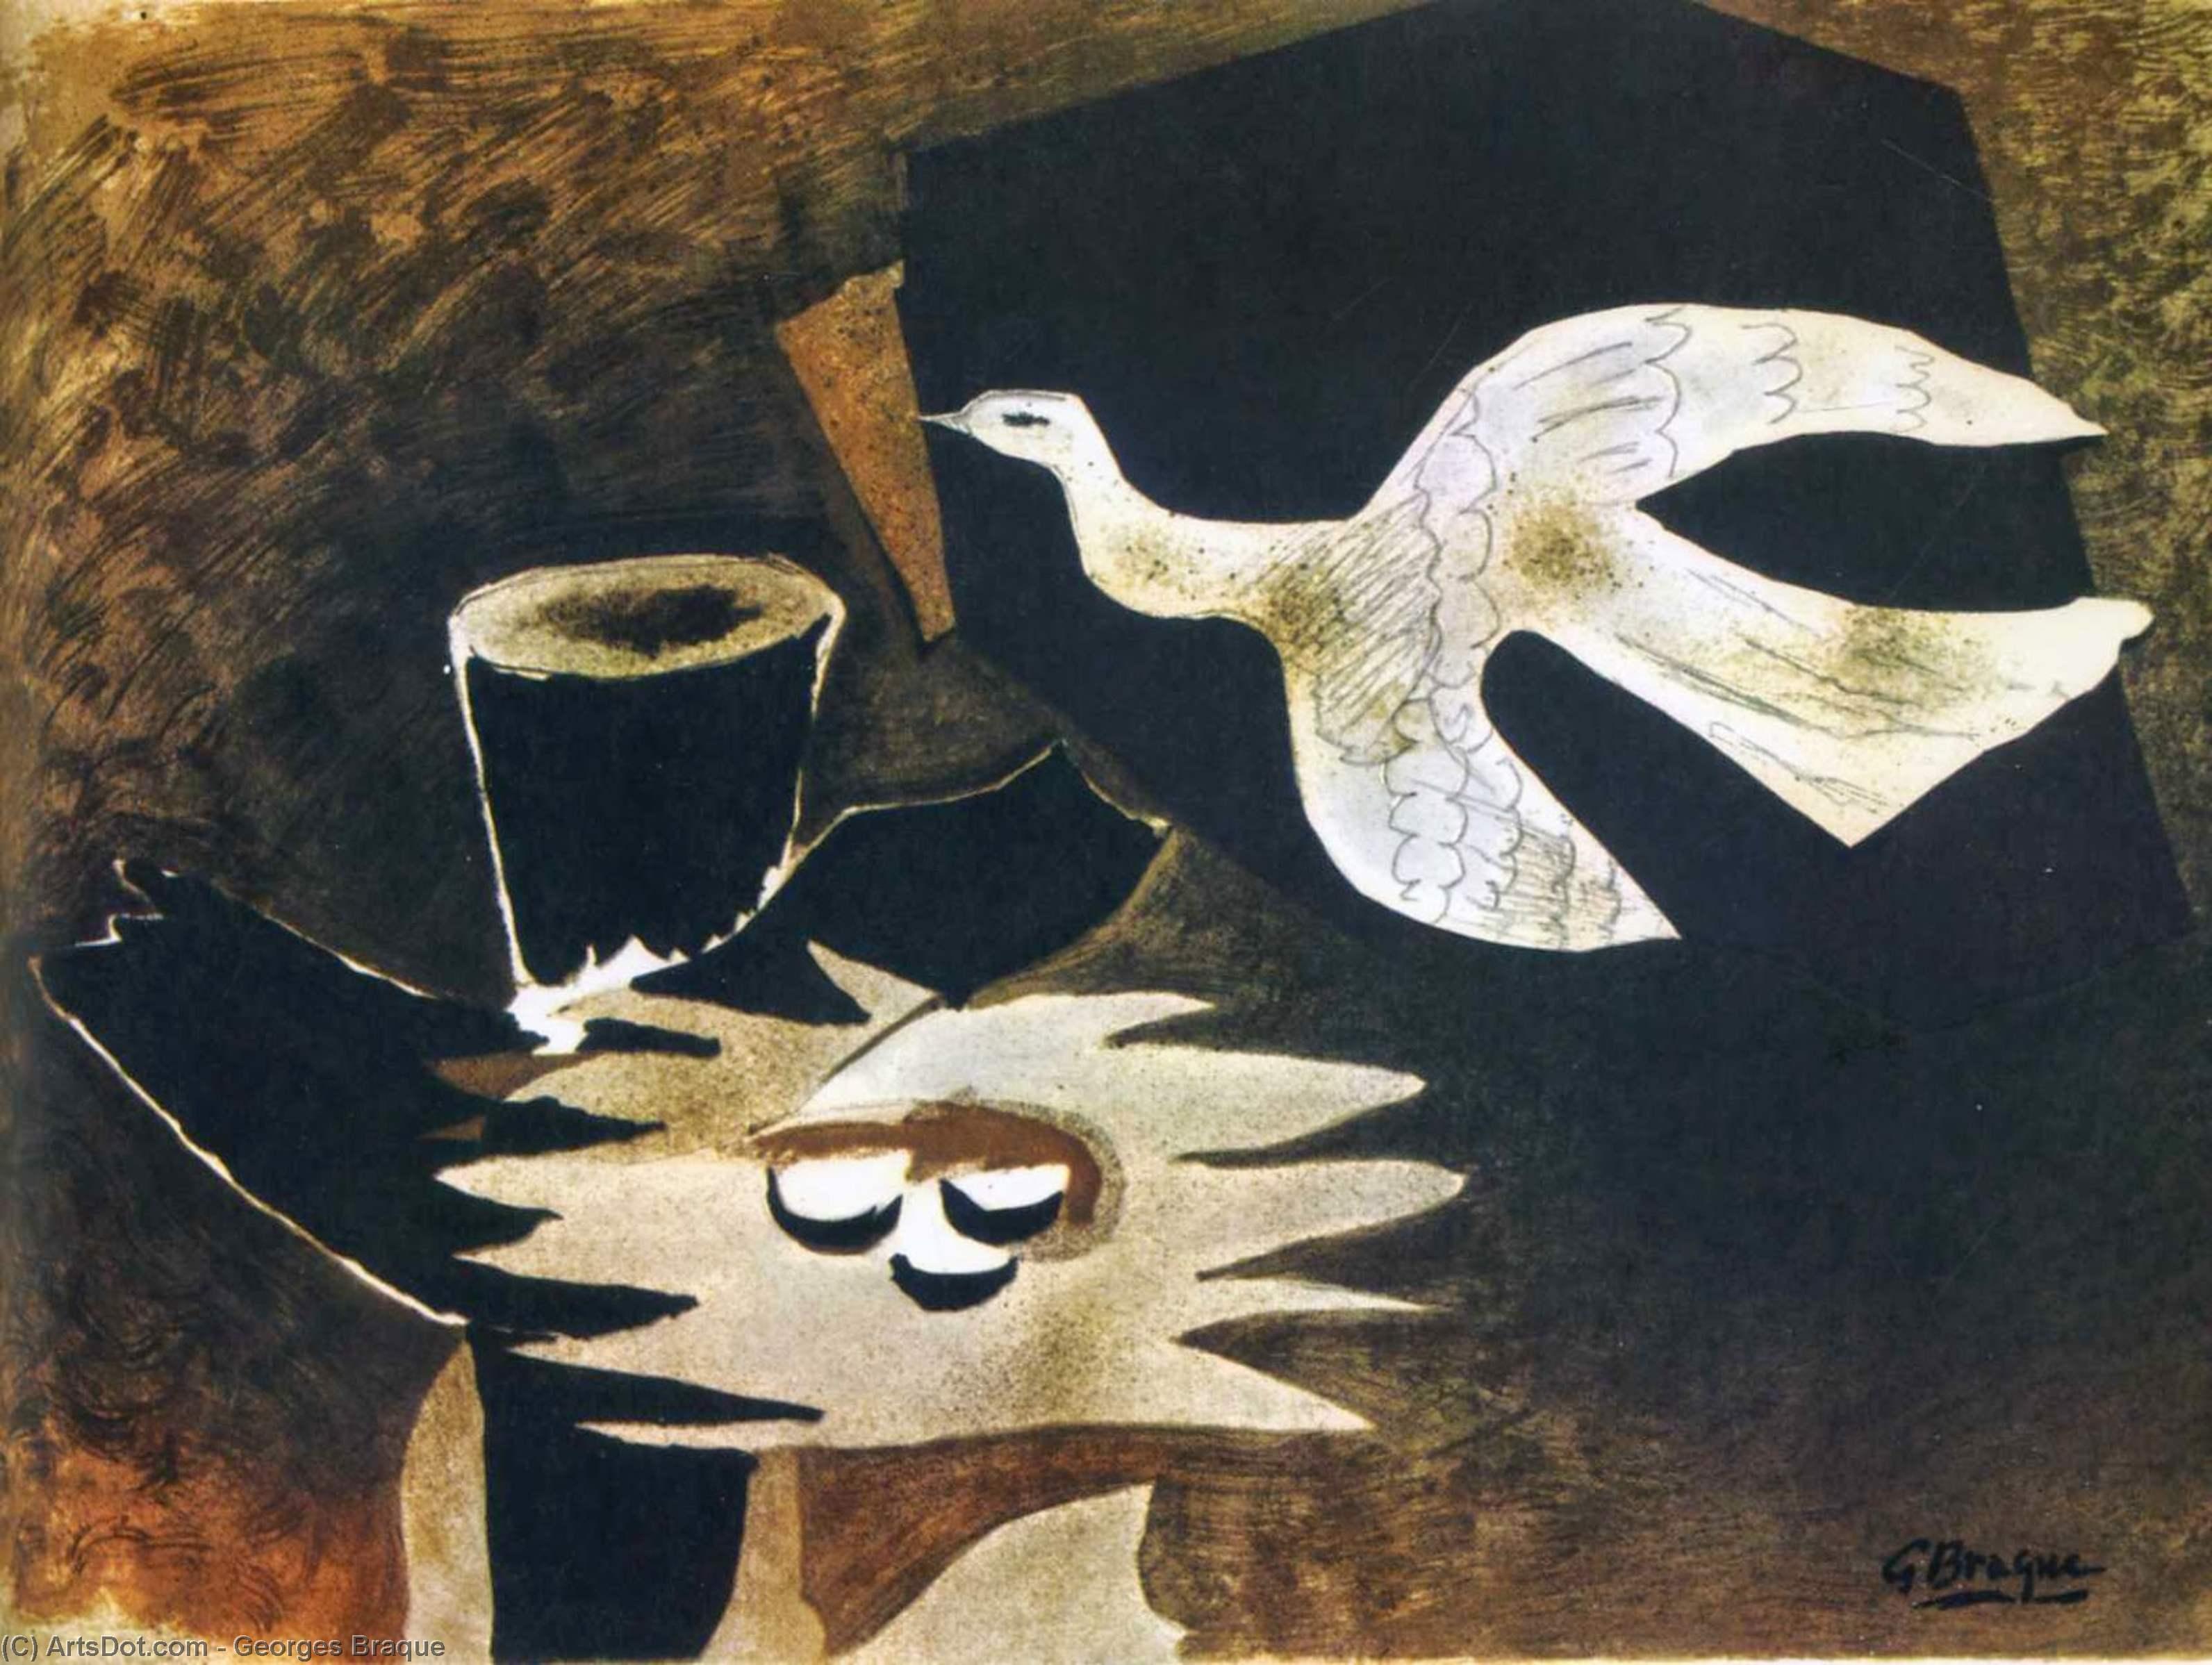 Wikioo.org - Bách khoa toàn thư về mỹ thuật - Vẽ tranh, Tác phẩm nghệ thuật Georges Braque - Bird Returning to it's Nest